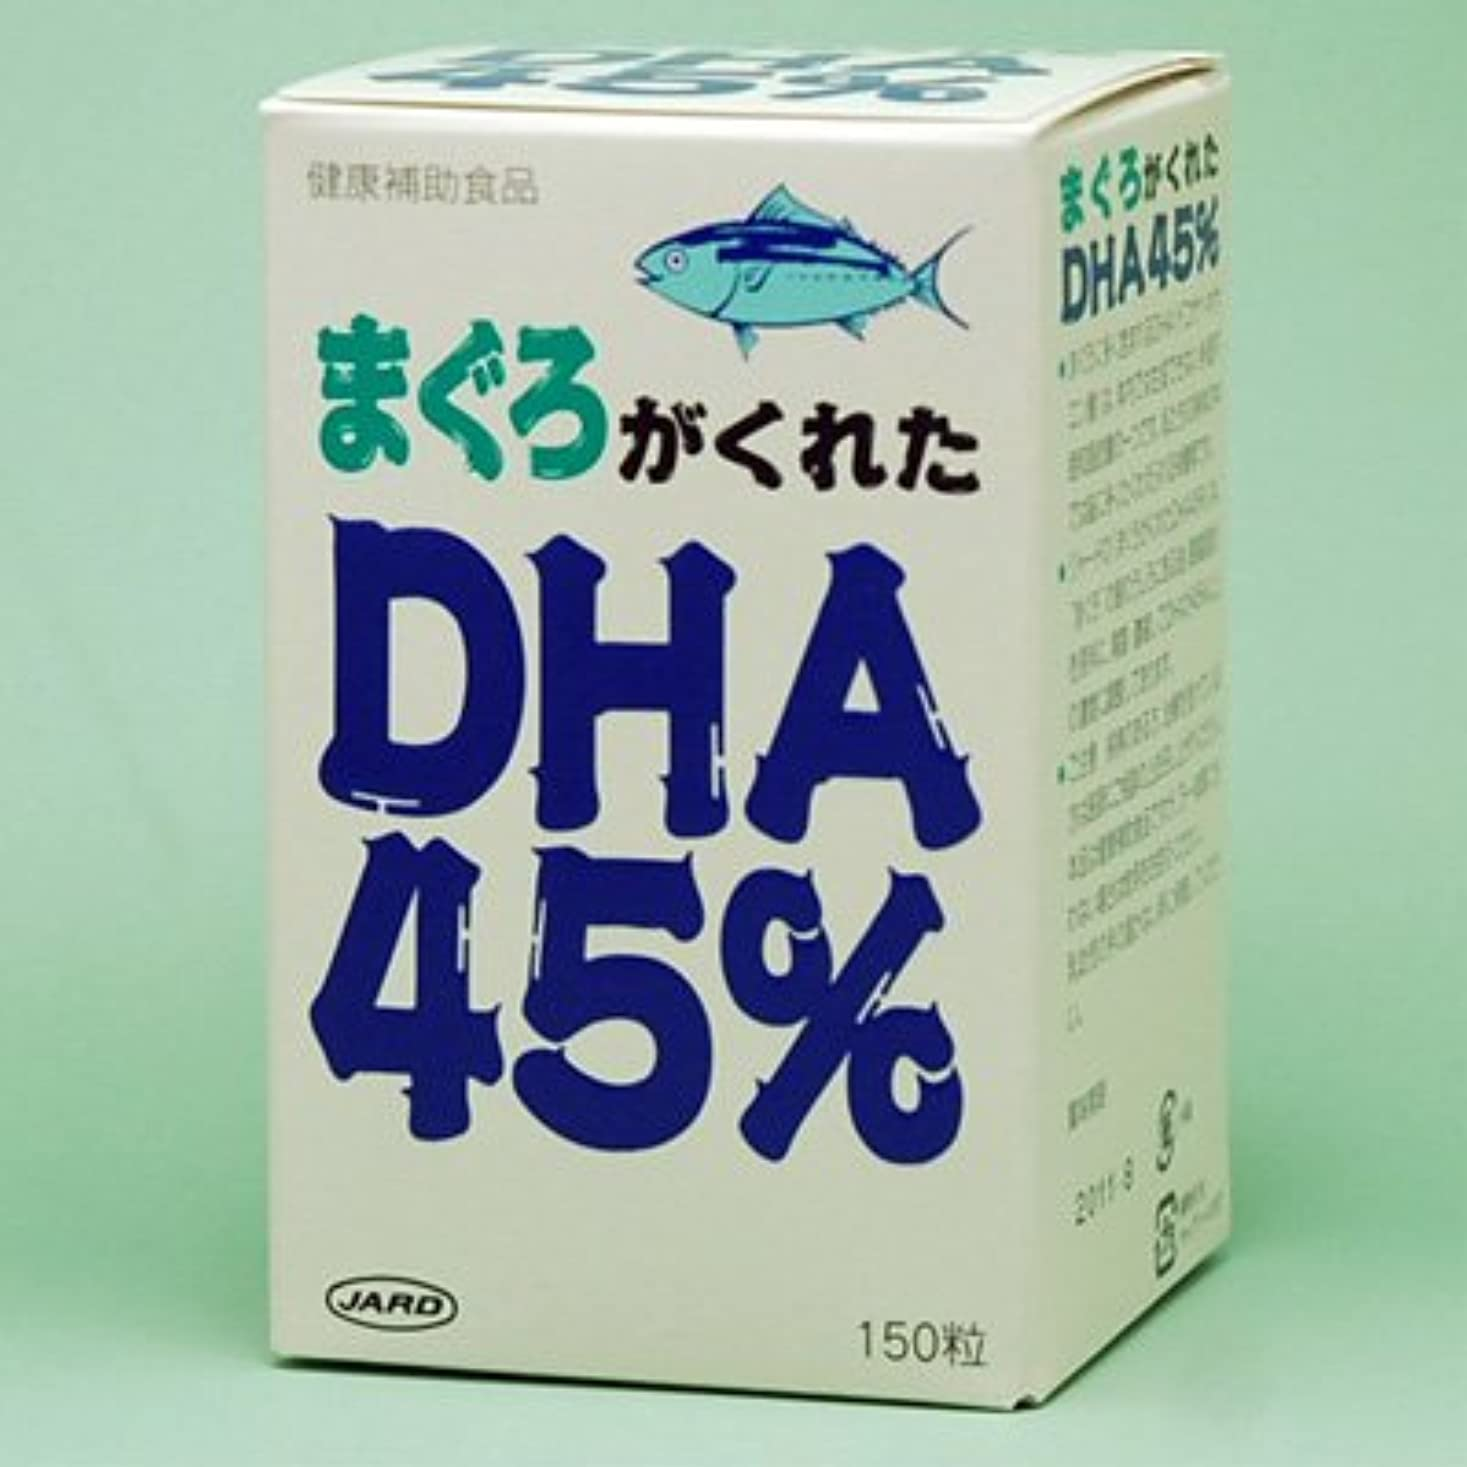 関係どうやら貫通するまぐろがくれたDHA45%【3本セット】ジャード